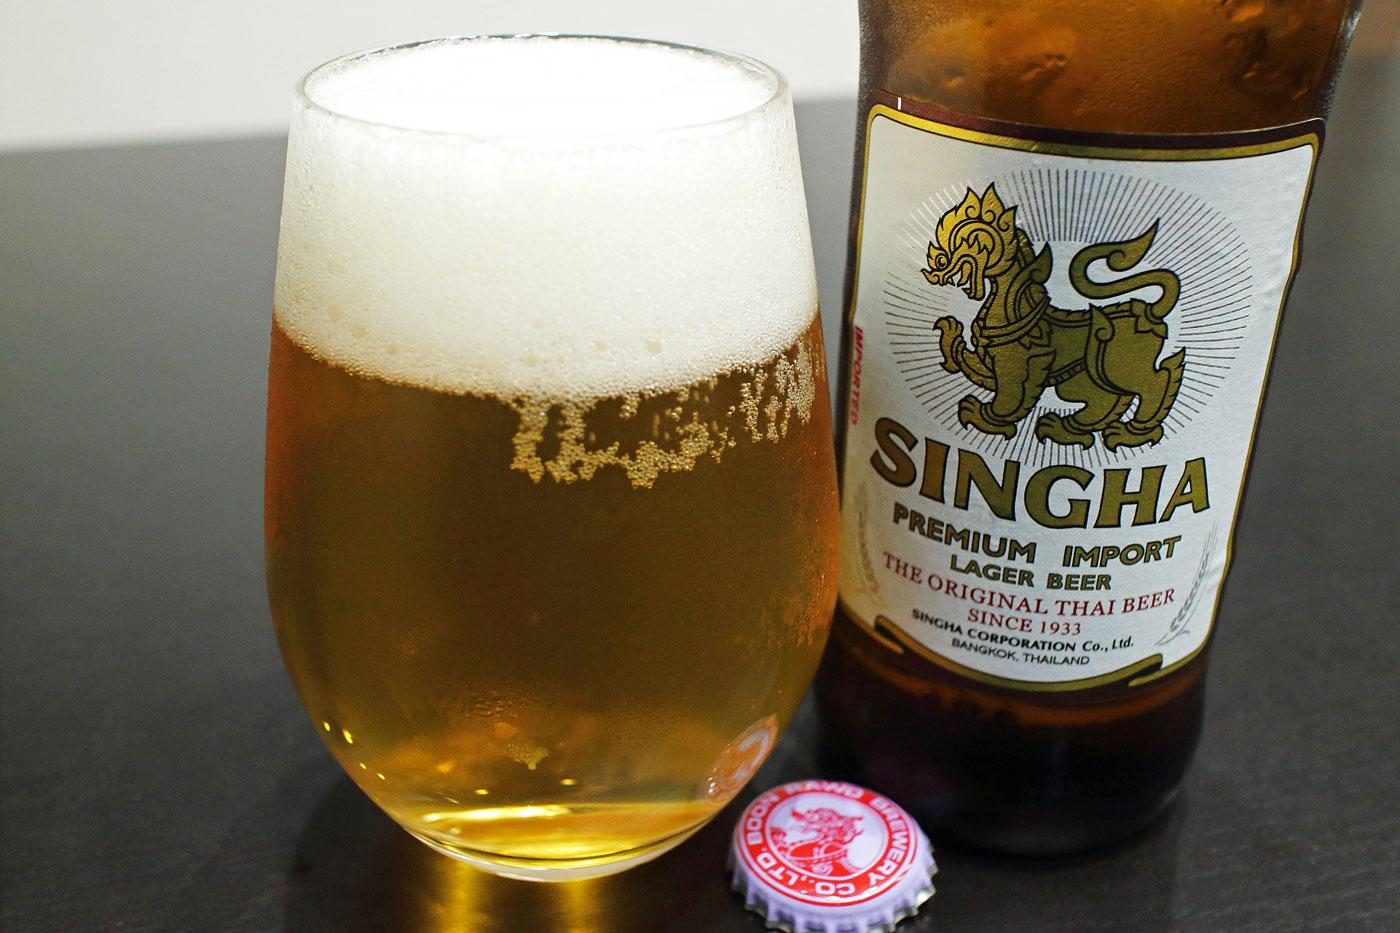 タイのビール「シンハー」堪能!【世界遺産とビールと私】